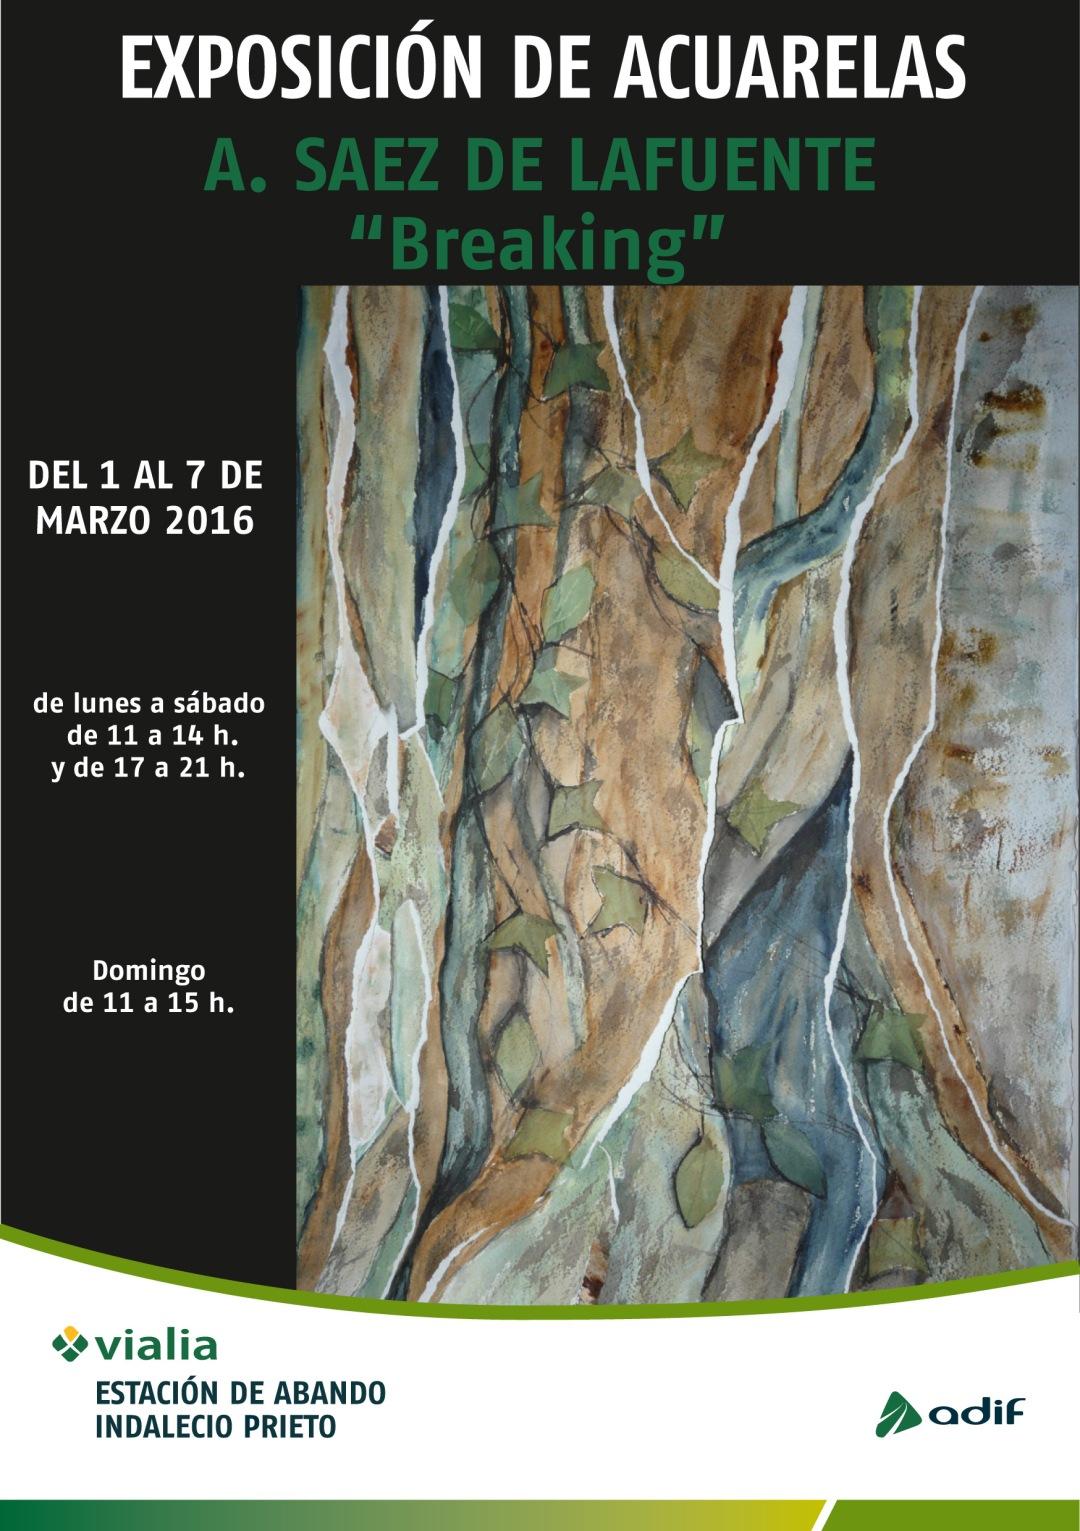 EXPOACUR ARANTZA A5.cdr